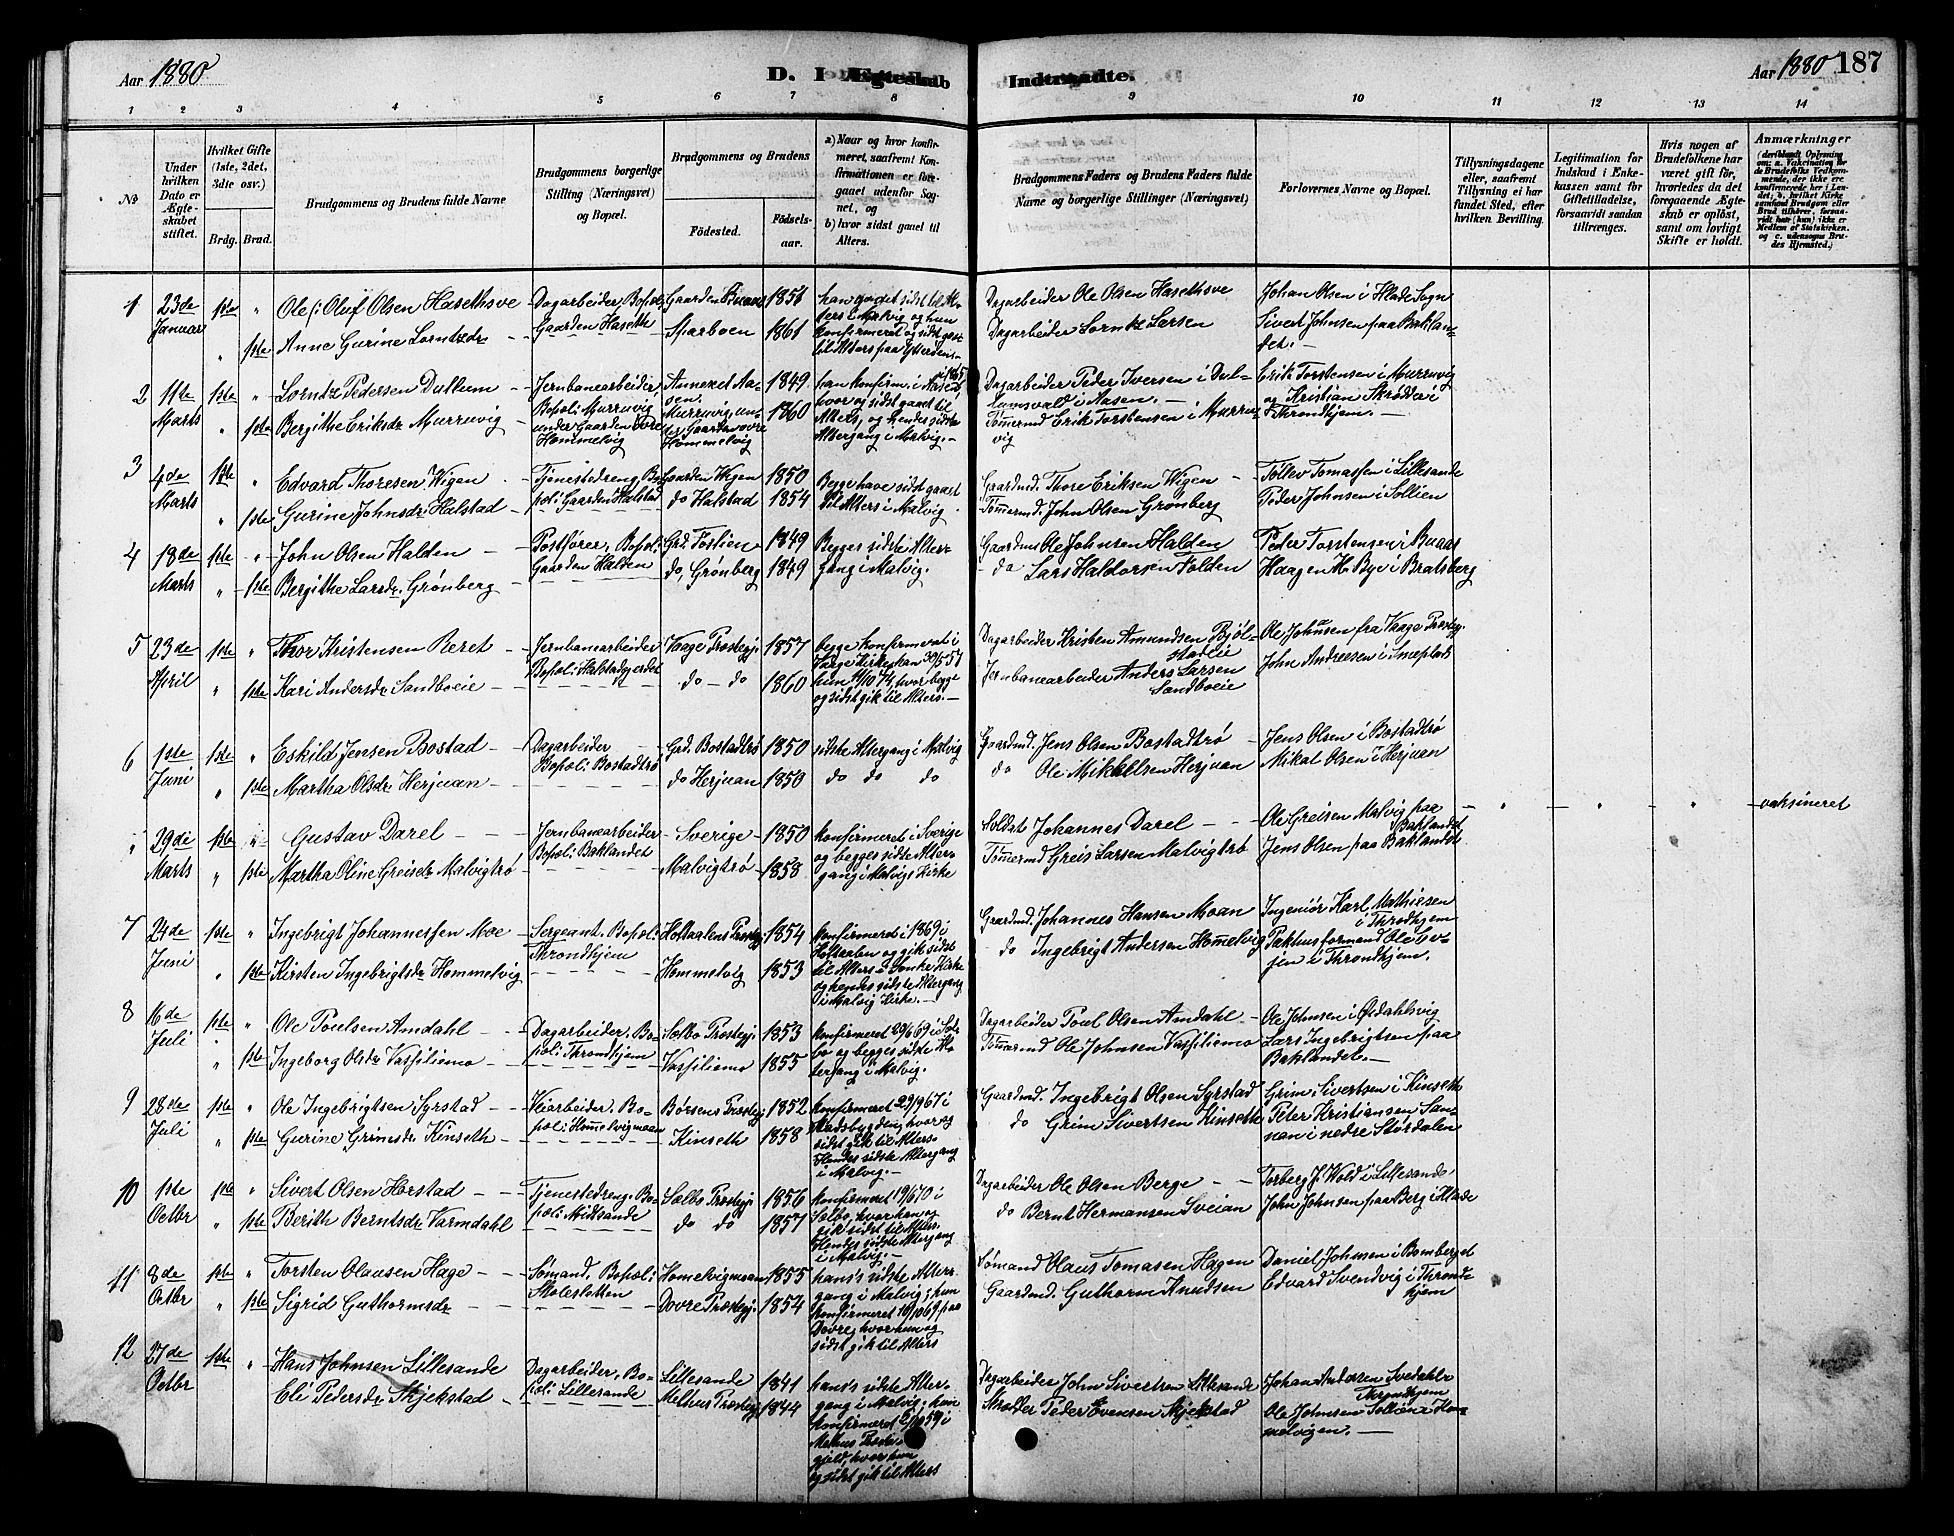 SAT, Ministerialprotokoller, klokkerbøker og fødselsregistre - Sør-Trøndelag, 616/L0423: Klokkerbok nr. 616C06, 1878-1903, s. 187